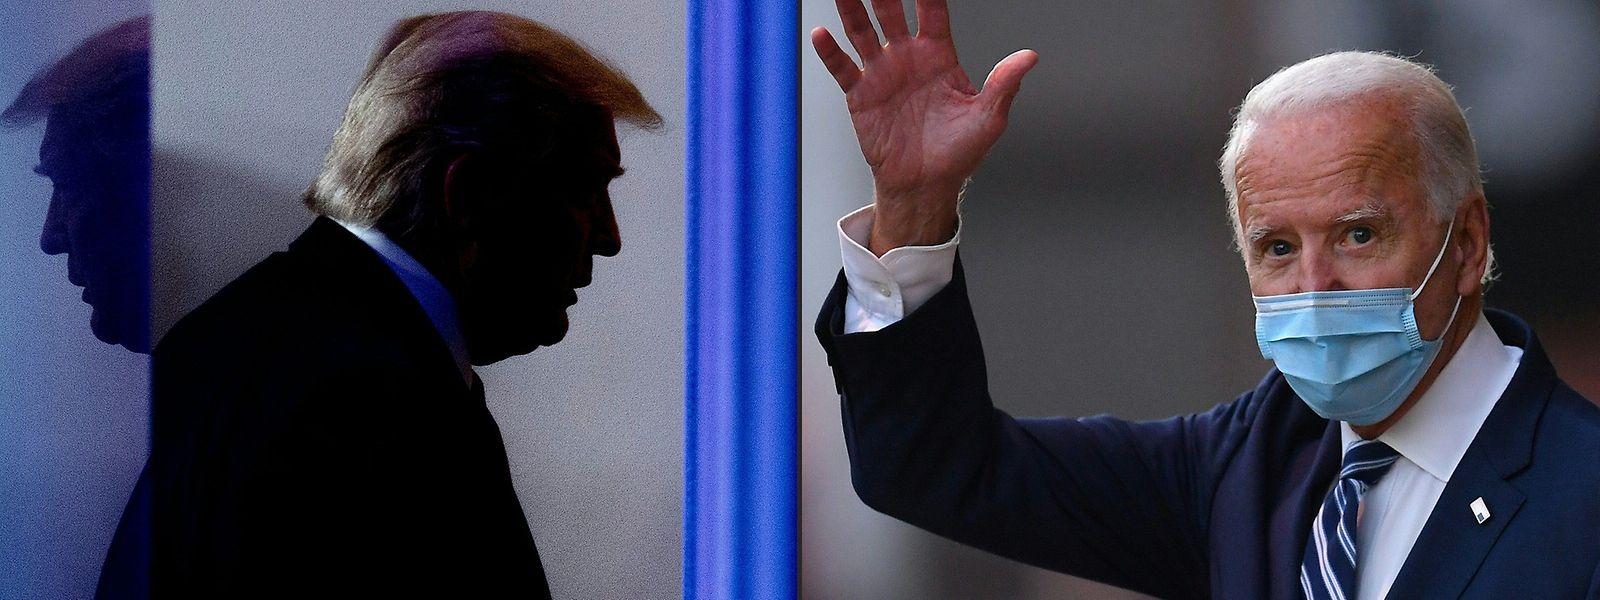 Entgegen der Tradition wird Donald Trump (l.), dem nach seinem Ausscheiden eine Verurteilung durch den US-Senat droht, heute nicht bei der Amtseinführung seines Nachfolgers anwesend sein.